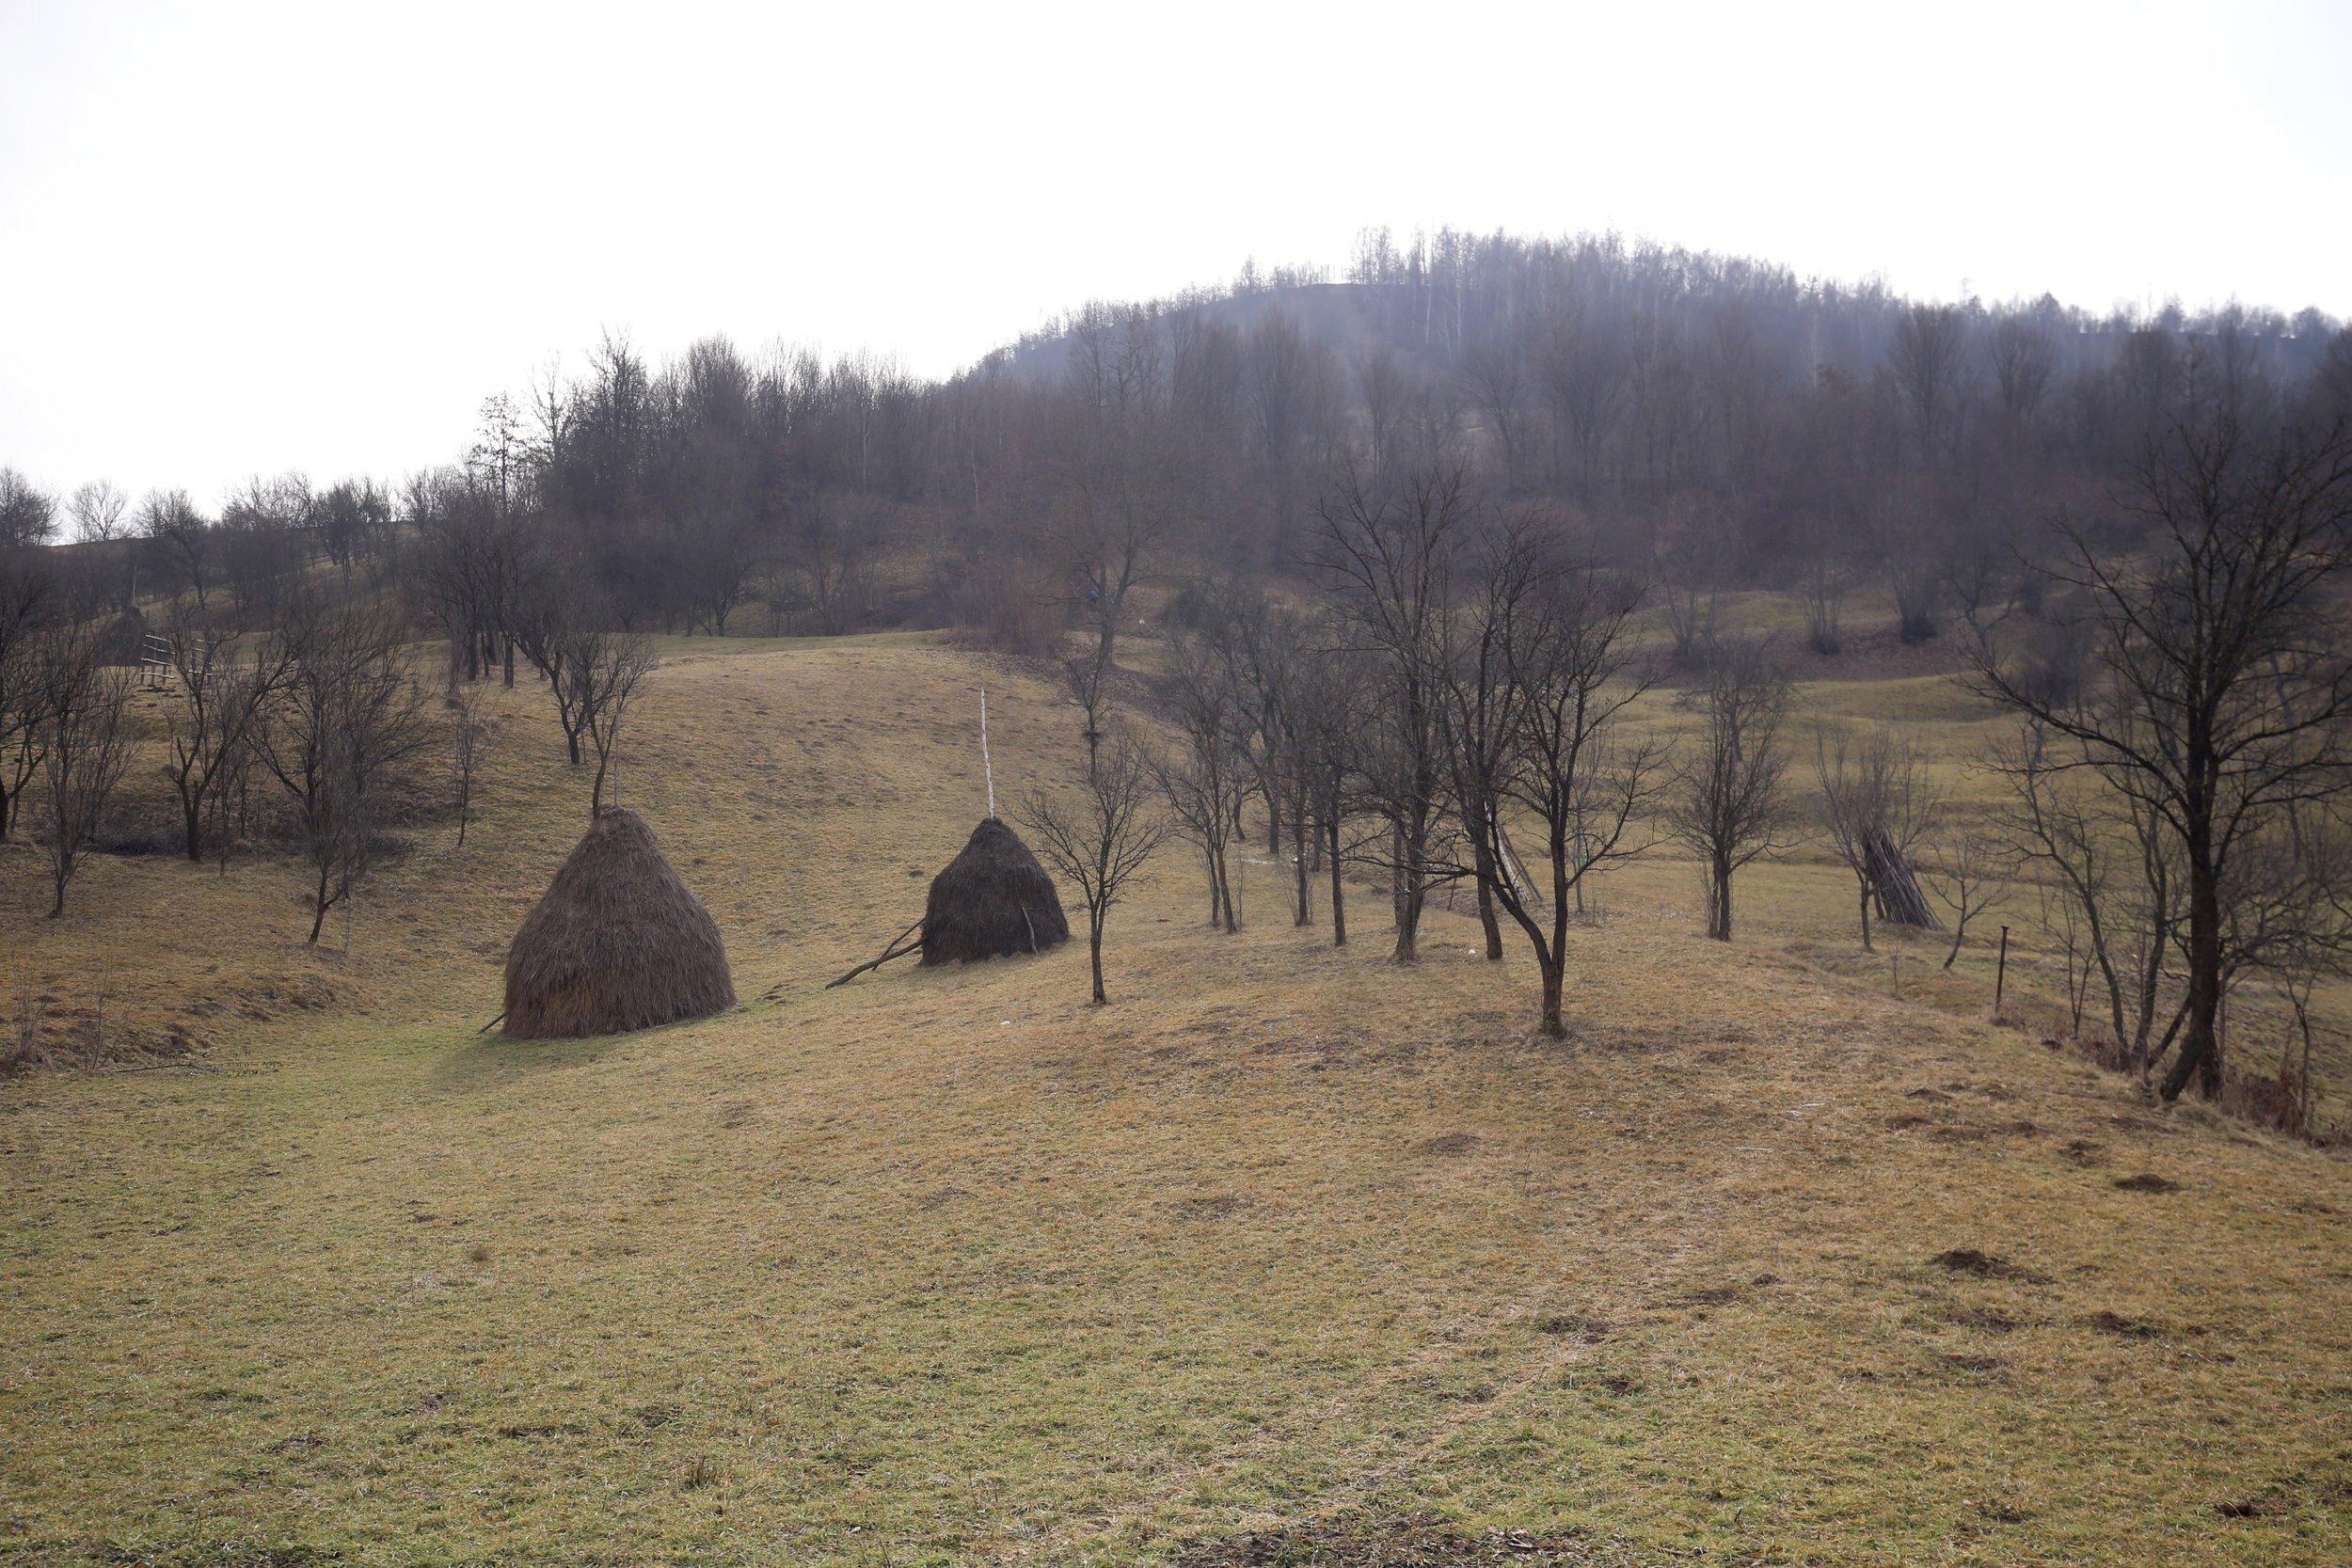 Haystacks in the fields of Maramures.